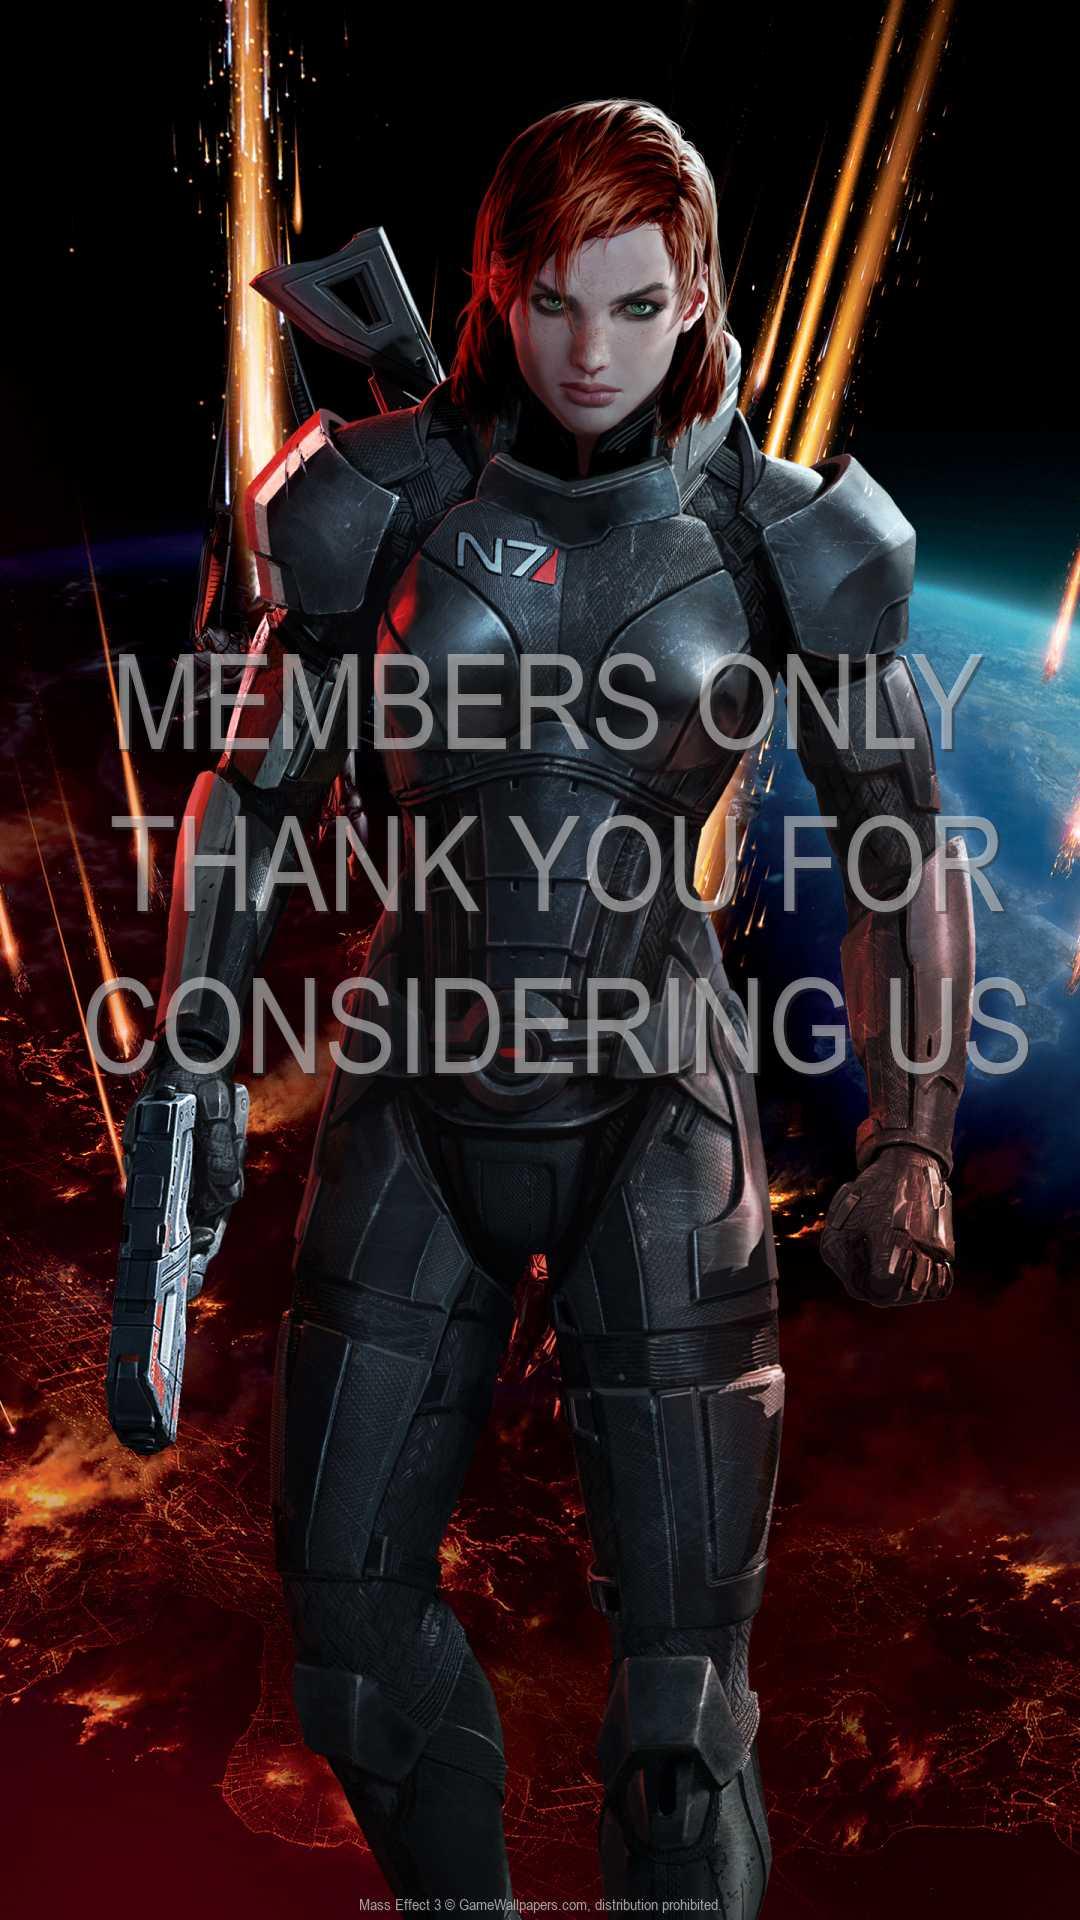 Mass Effect 3 1080p Vertical Handy Hintergrundbild 11